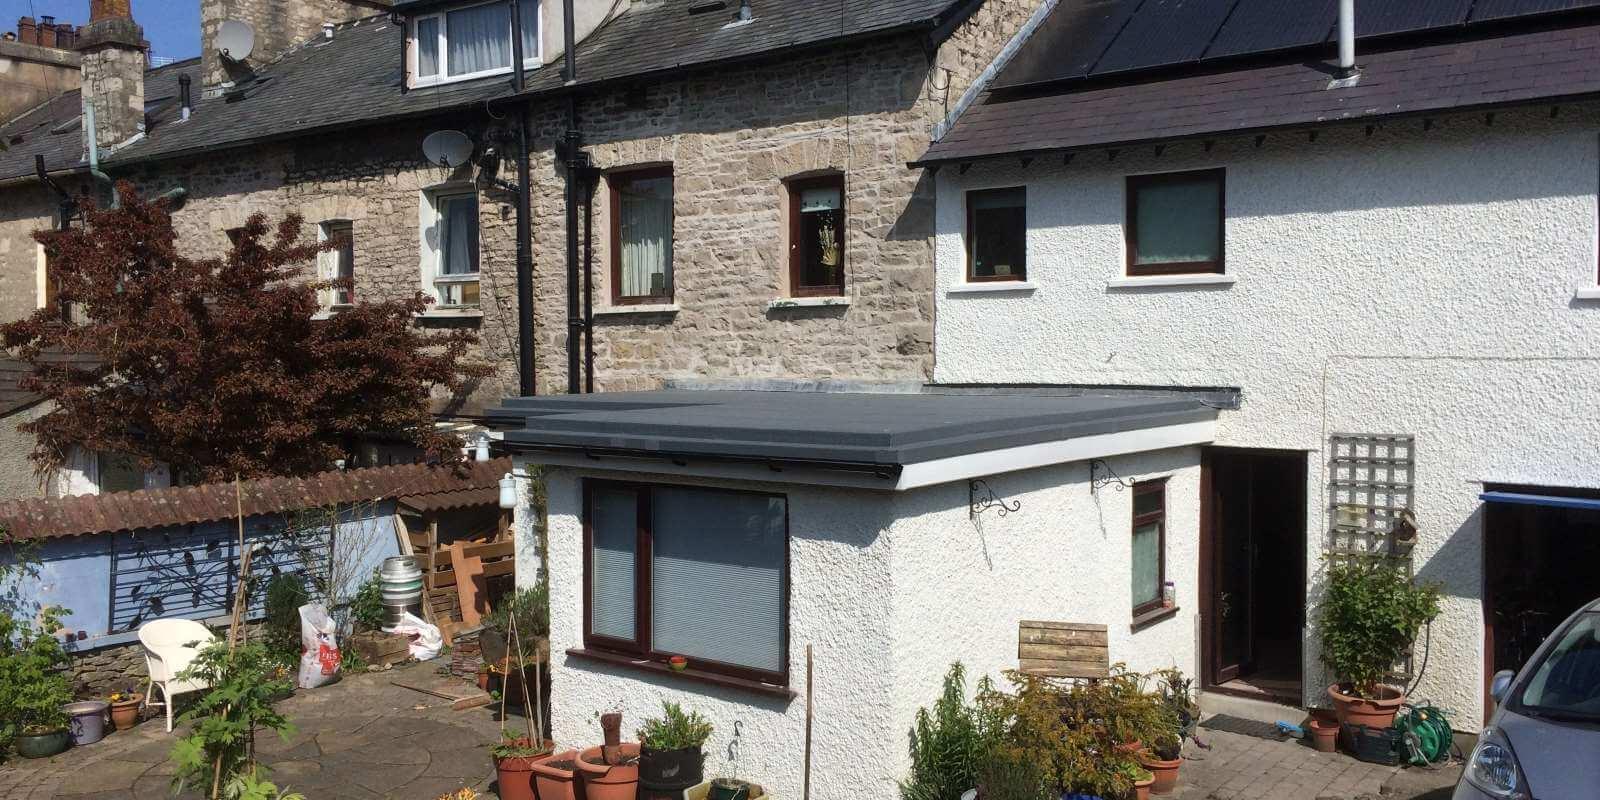 Flat Roofing Cumbria